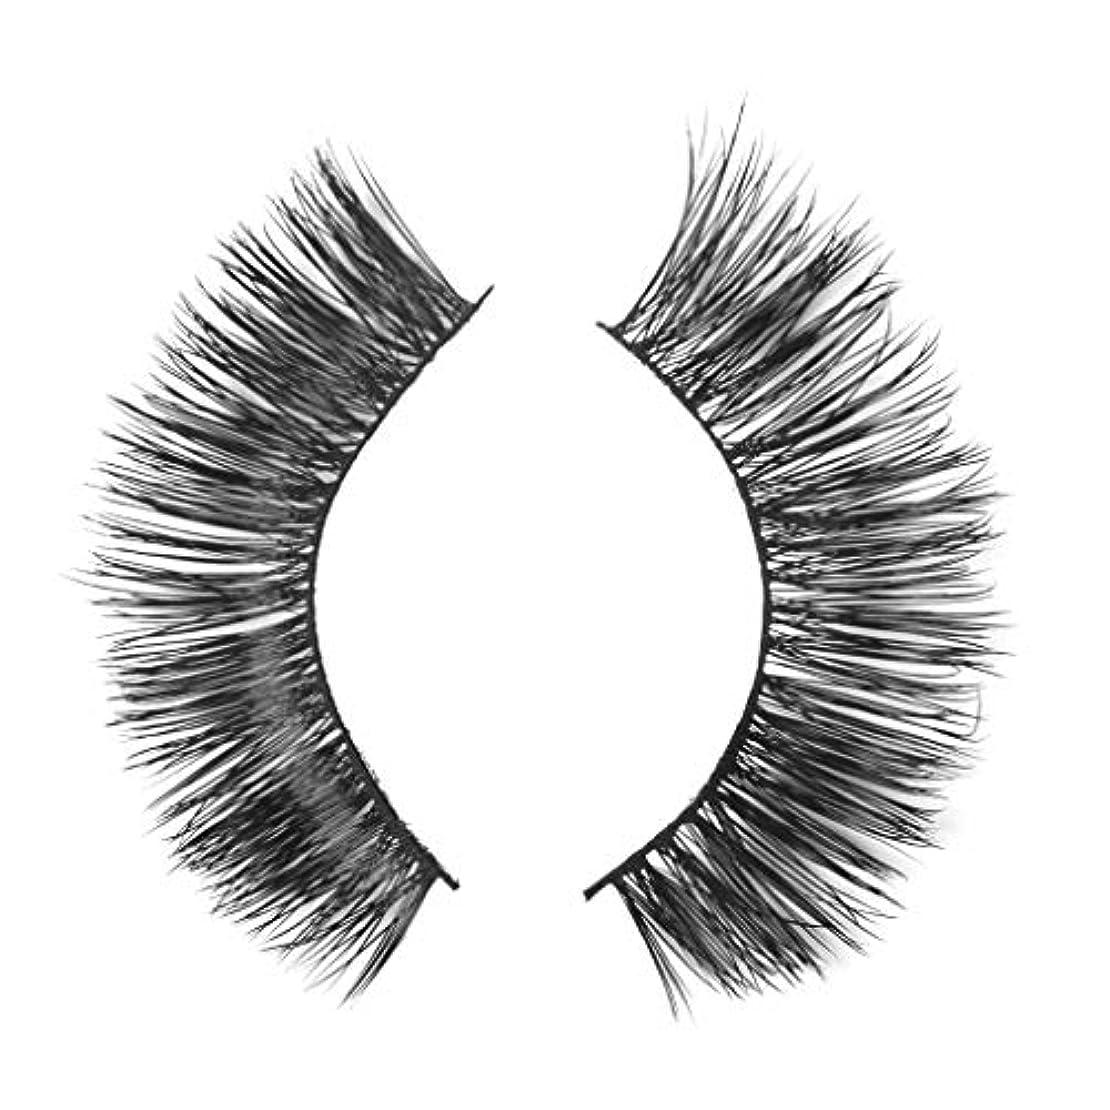 ライトニング緩む強いミンクの毛の自然な厚くなる化粧品の3D版のための一組のまつげ